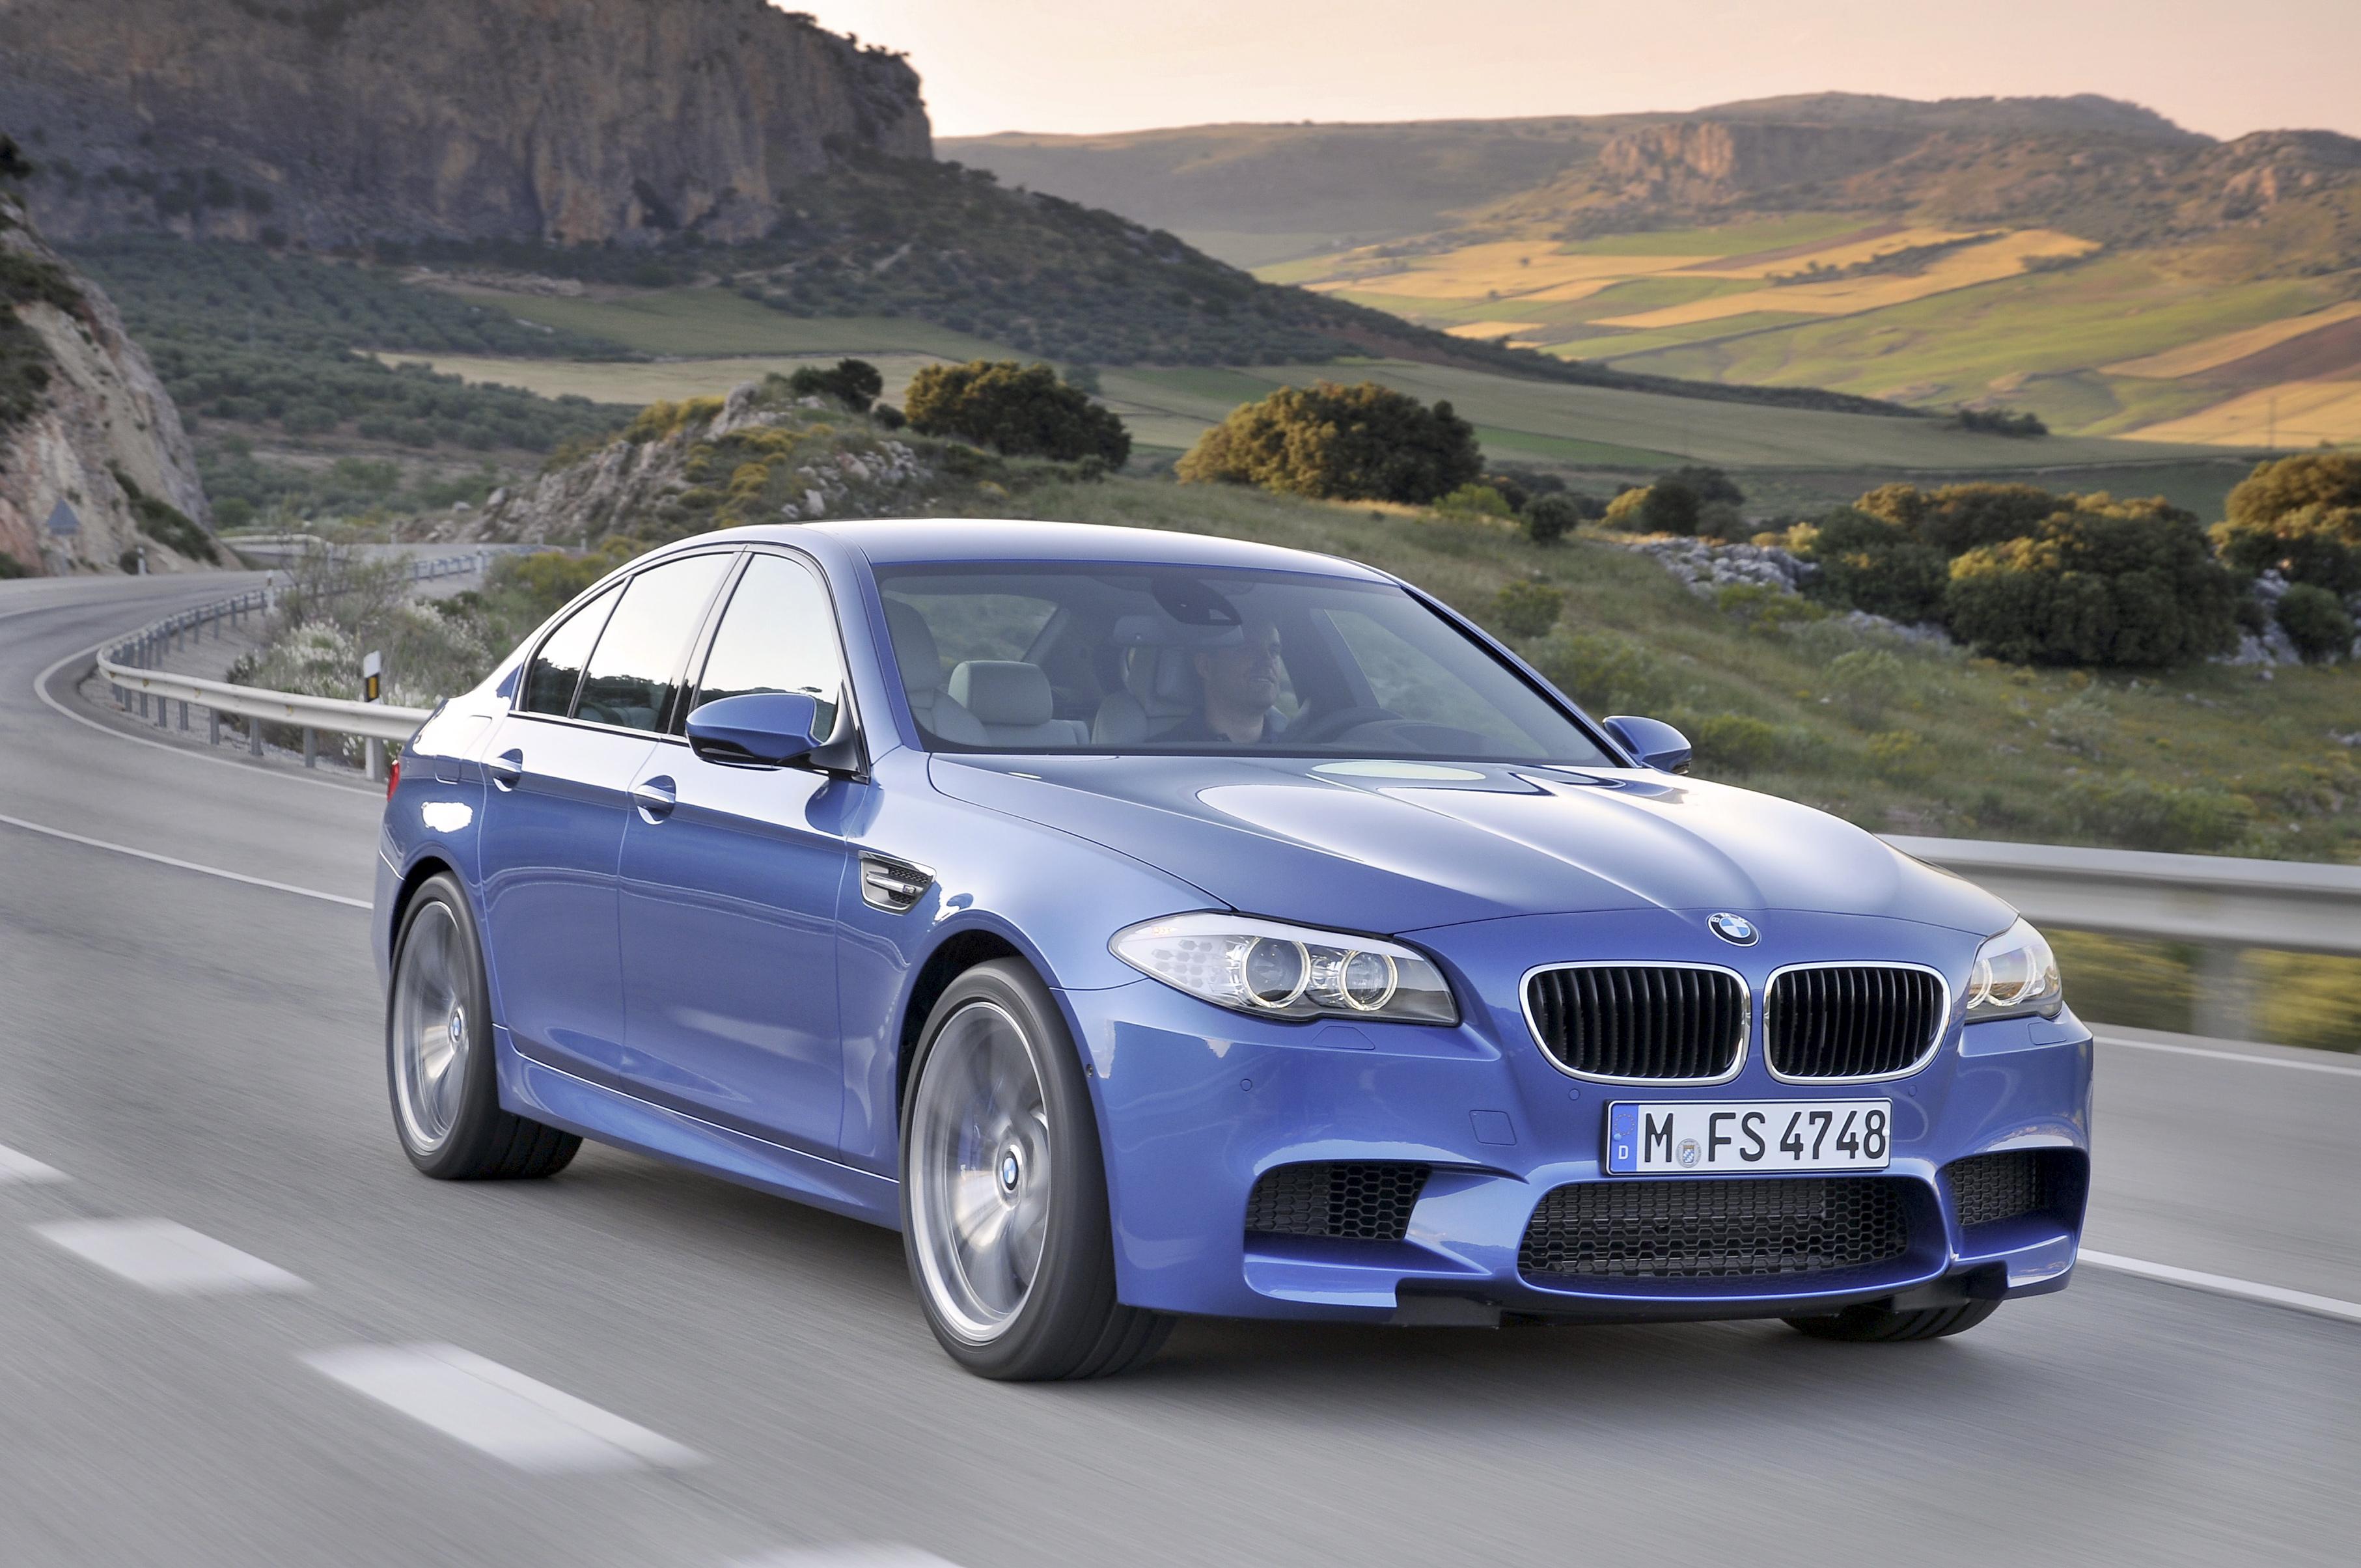 2012 BMW M5.